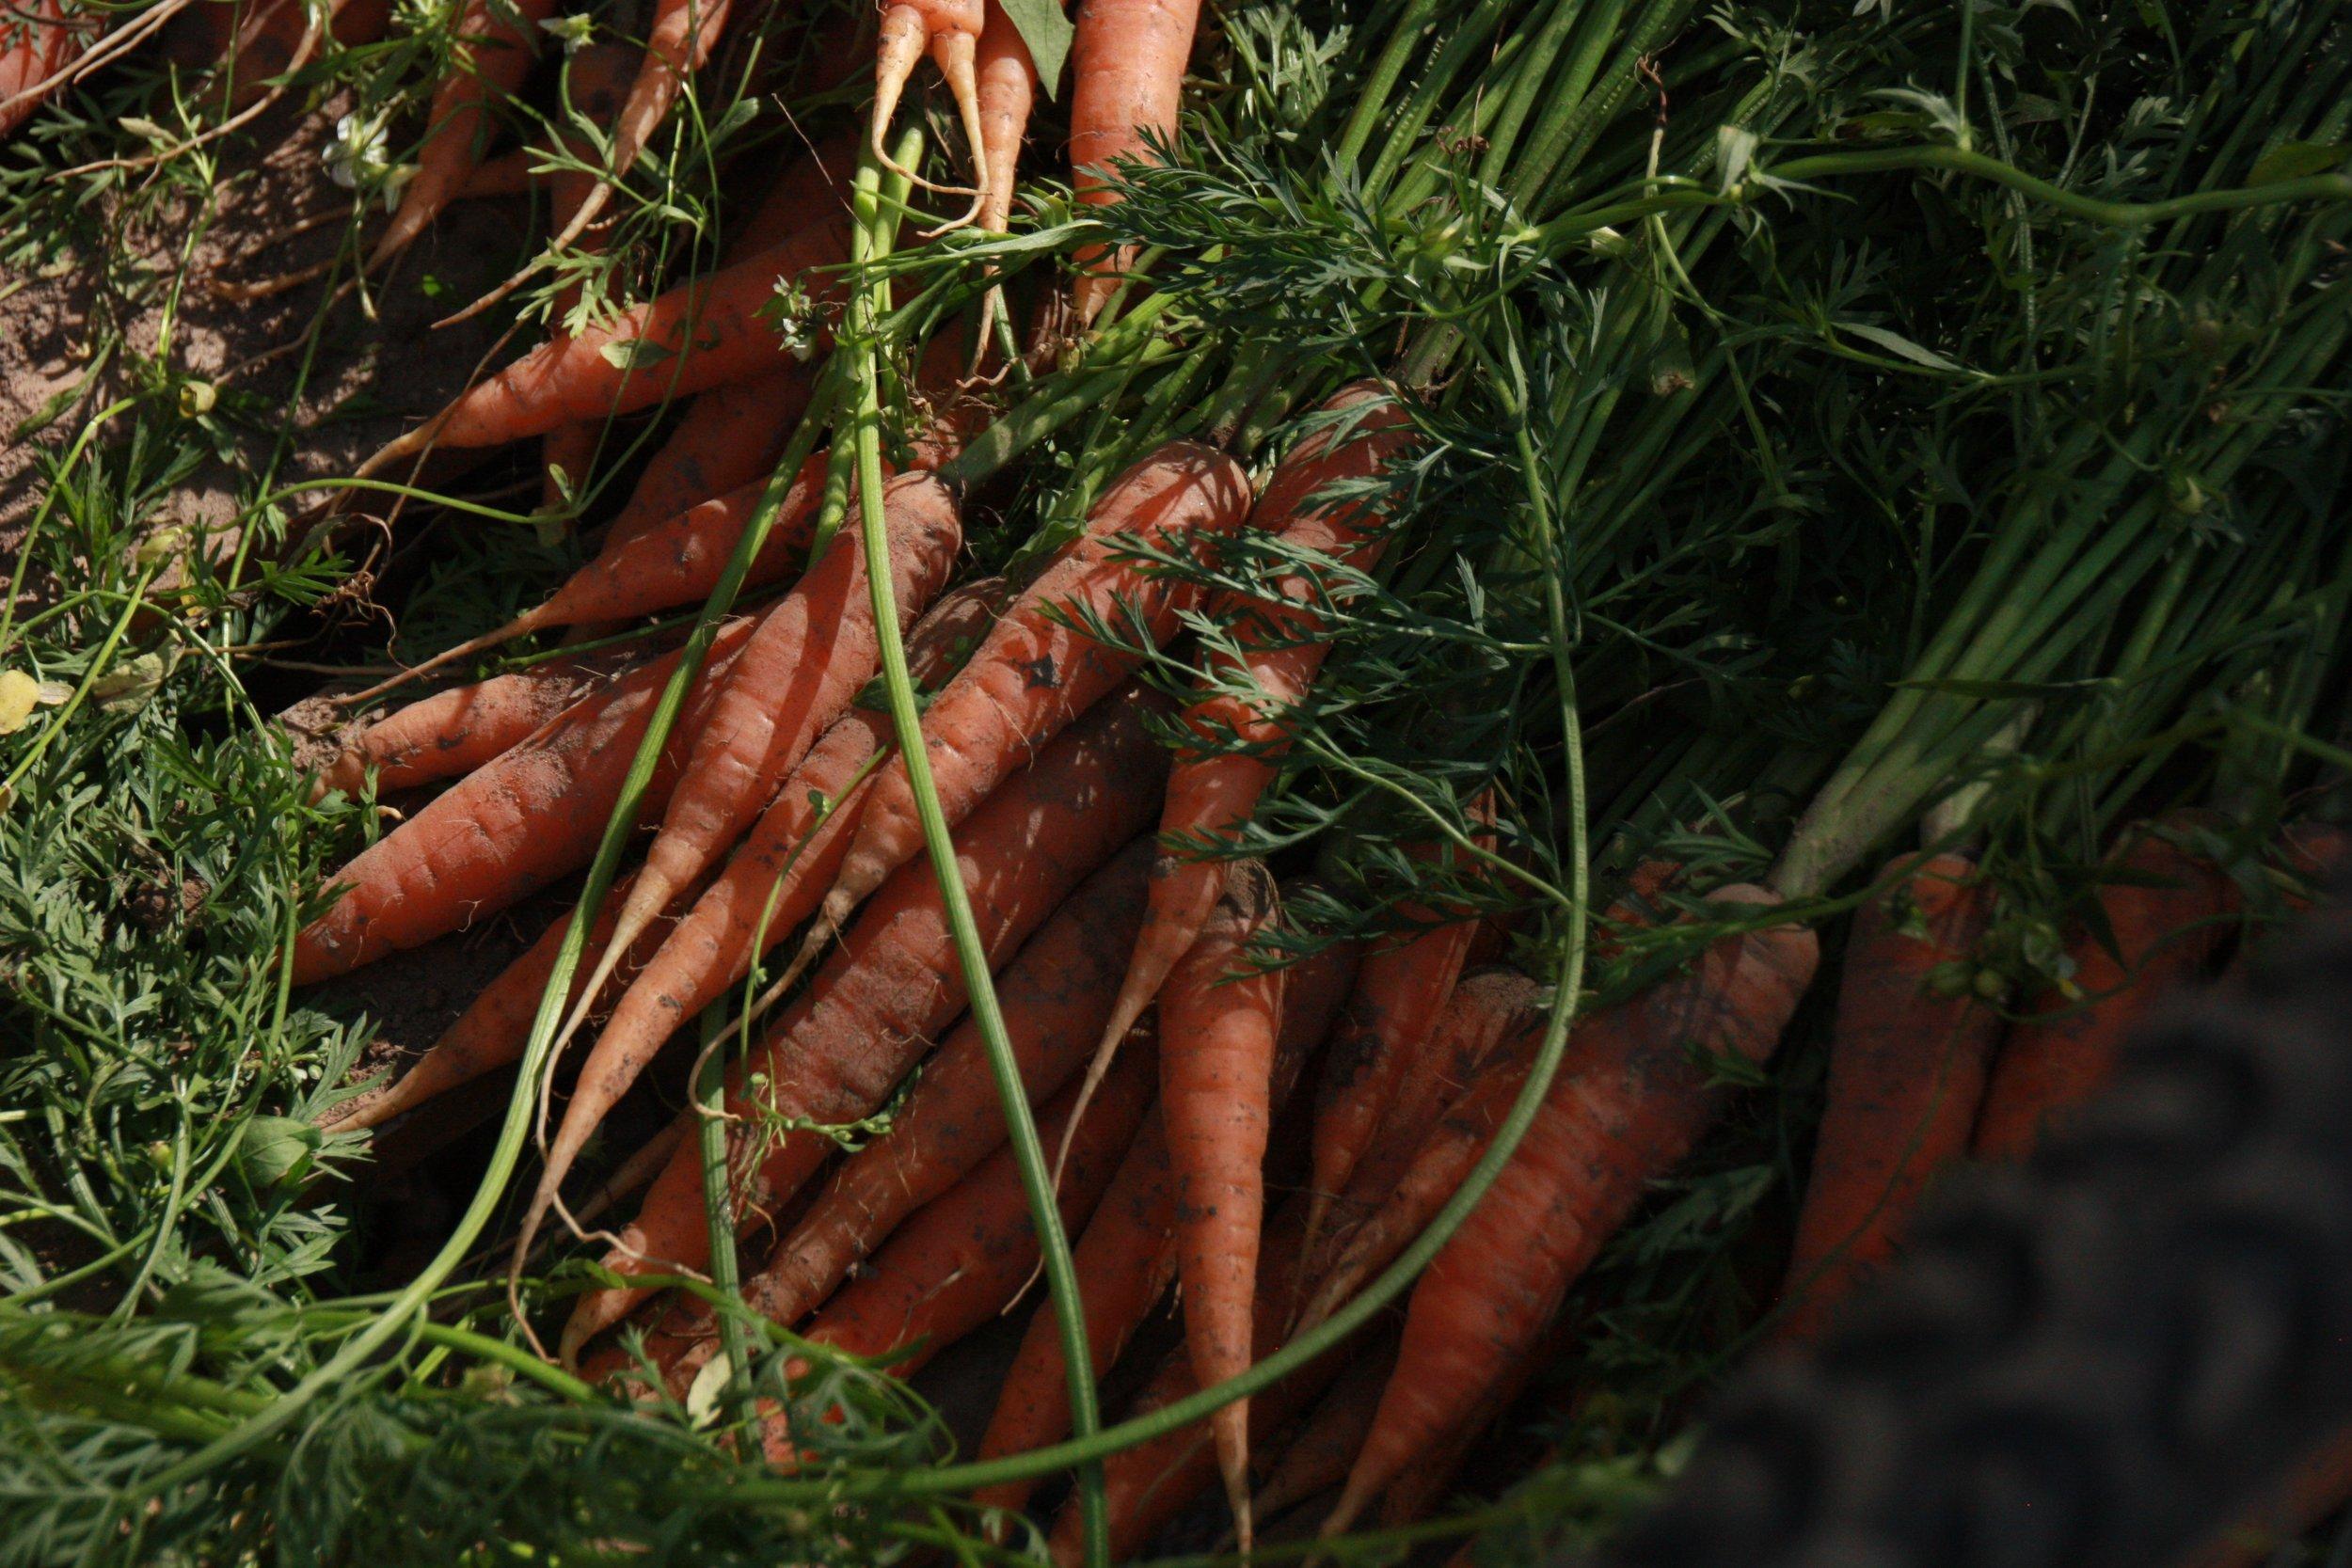 Kuva: Katja Lahtinen; Oman pellon demeter-porkkanat